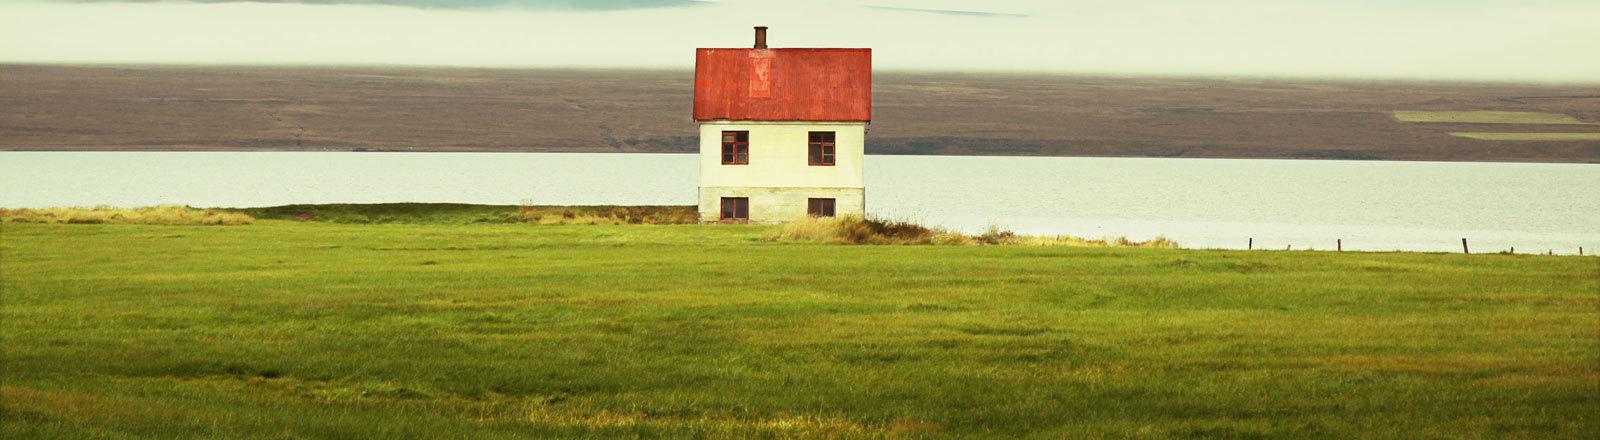 Ein einsames Haus an einem See